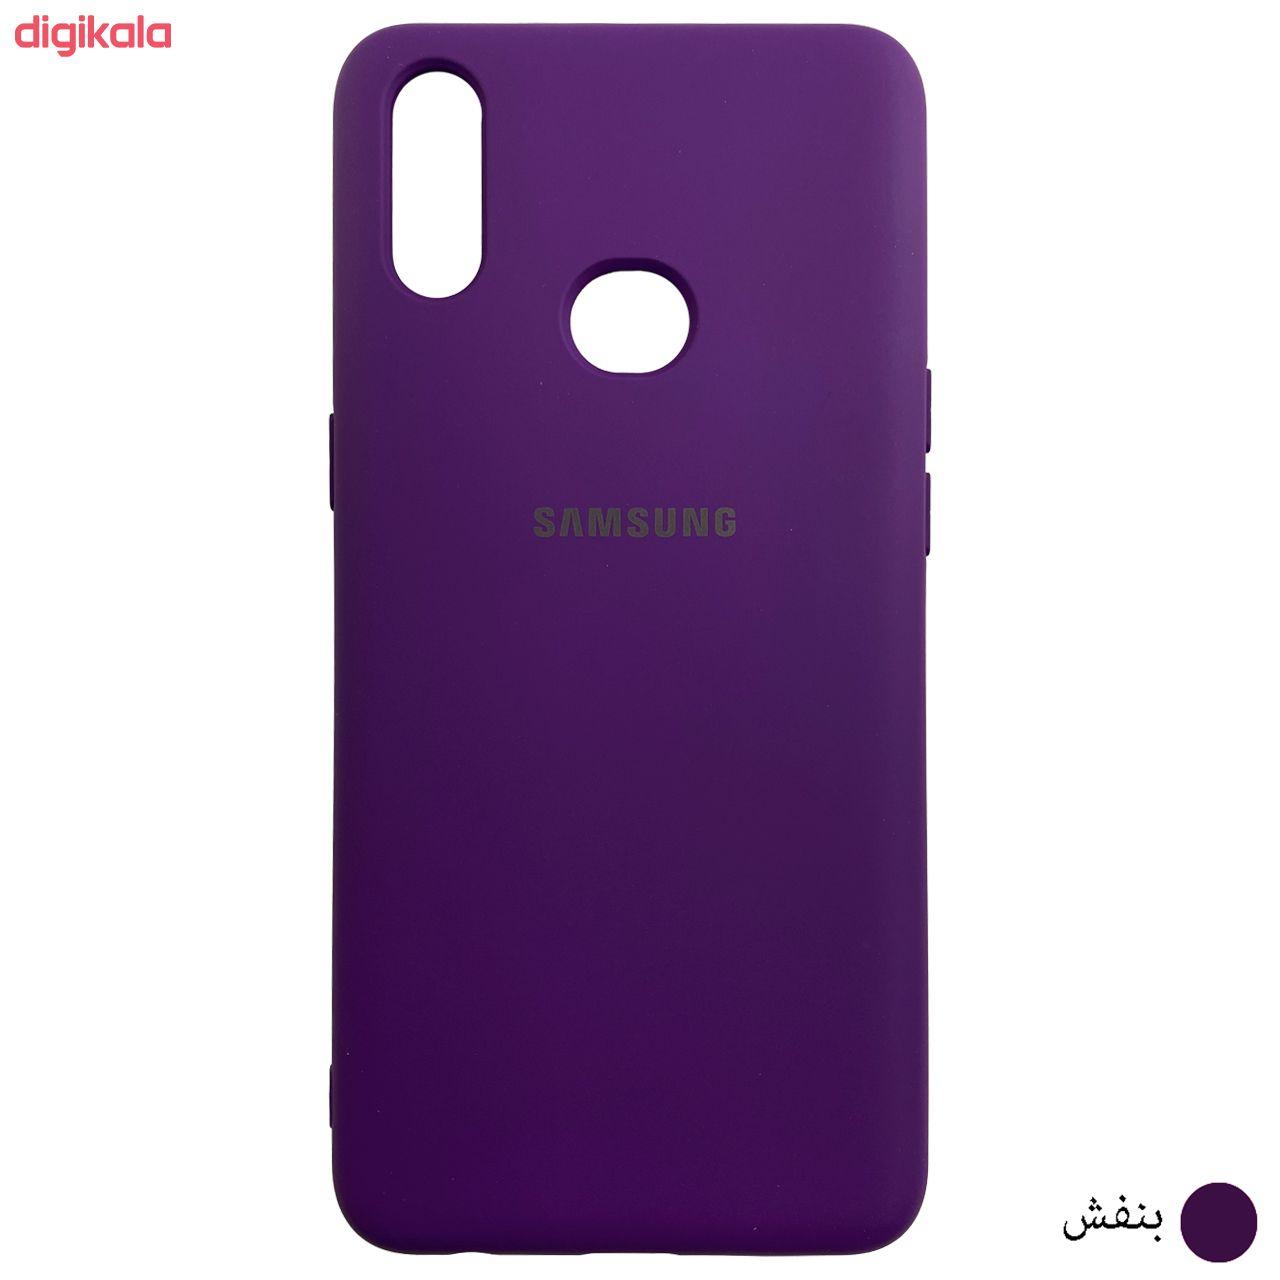 کاور مدل SCN مناسب برای گوشی موبایل سامسونگ Galaxy A10s main 1 6